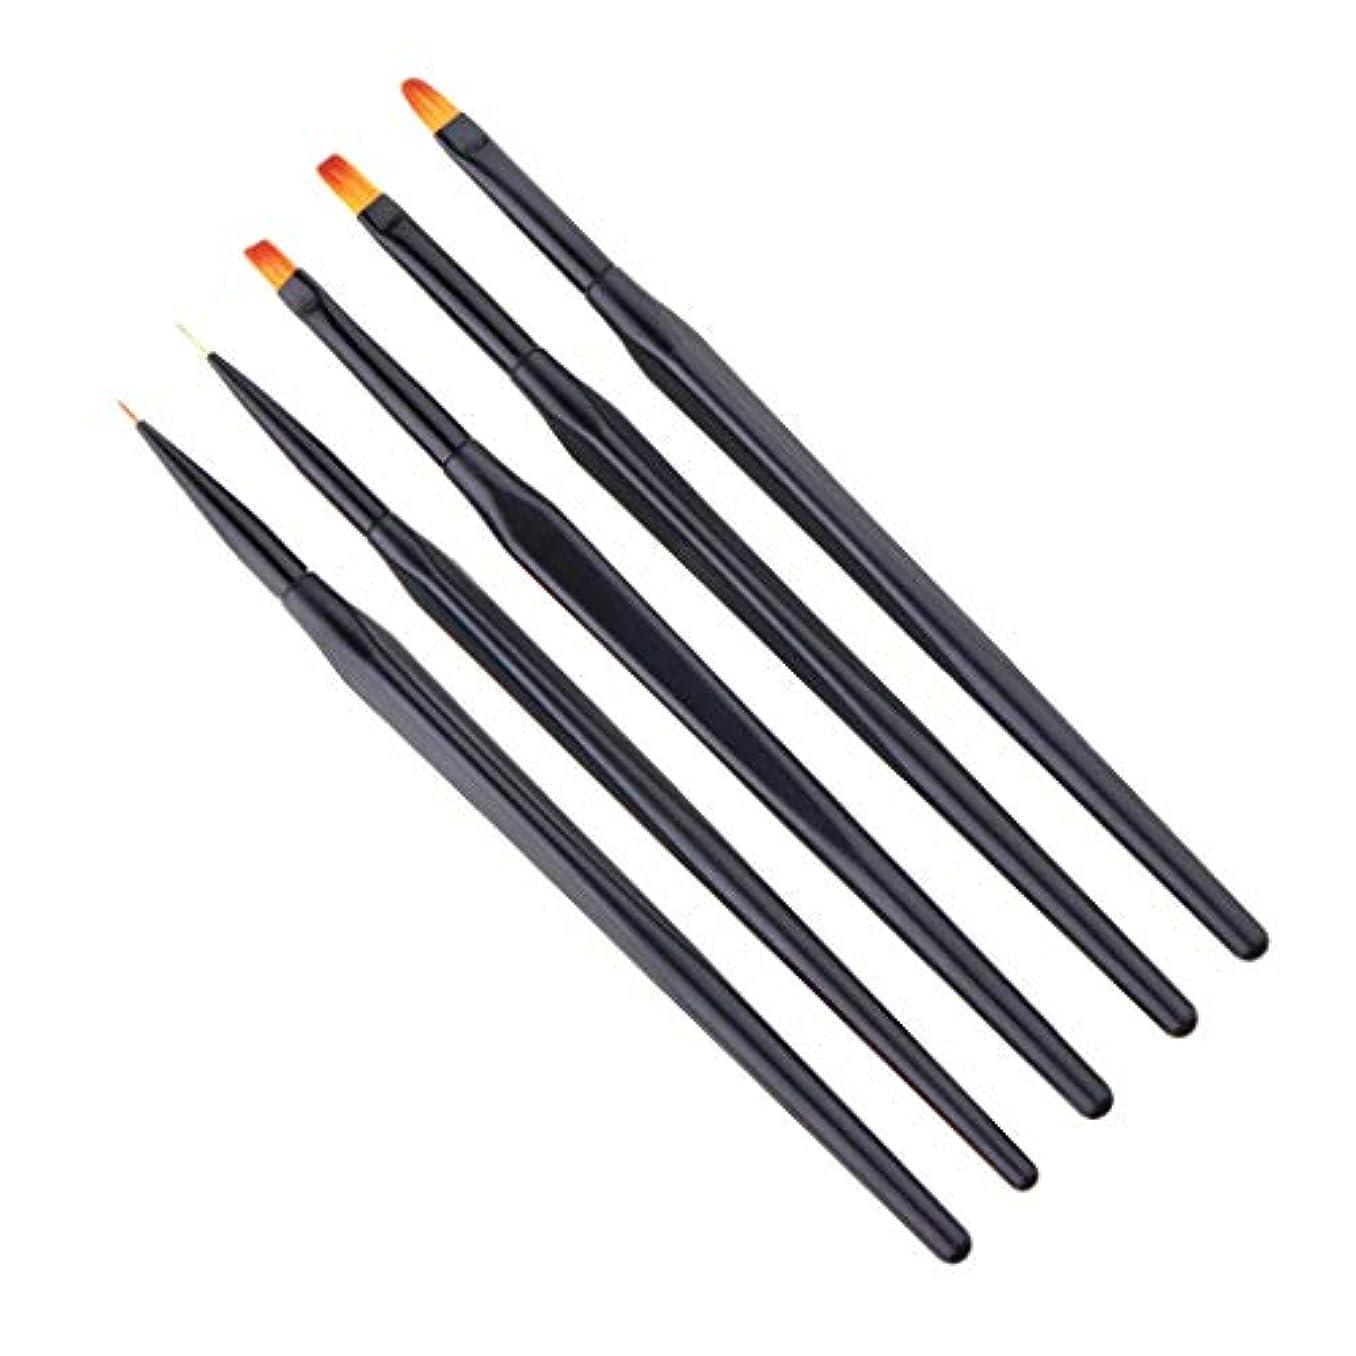 施設記念日いとこDYNWAVE ネイル ブラシ セット ネイル筆 ネイルアート ネイル塗装 合成繊維 プラスチック 全3種選択 - 5本UVジェルペン